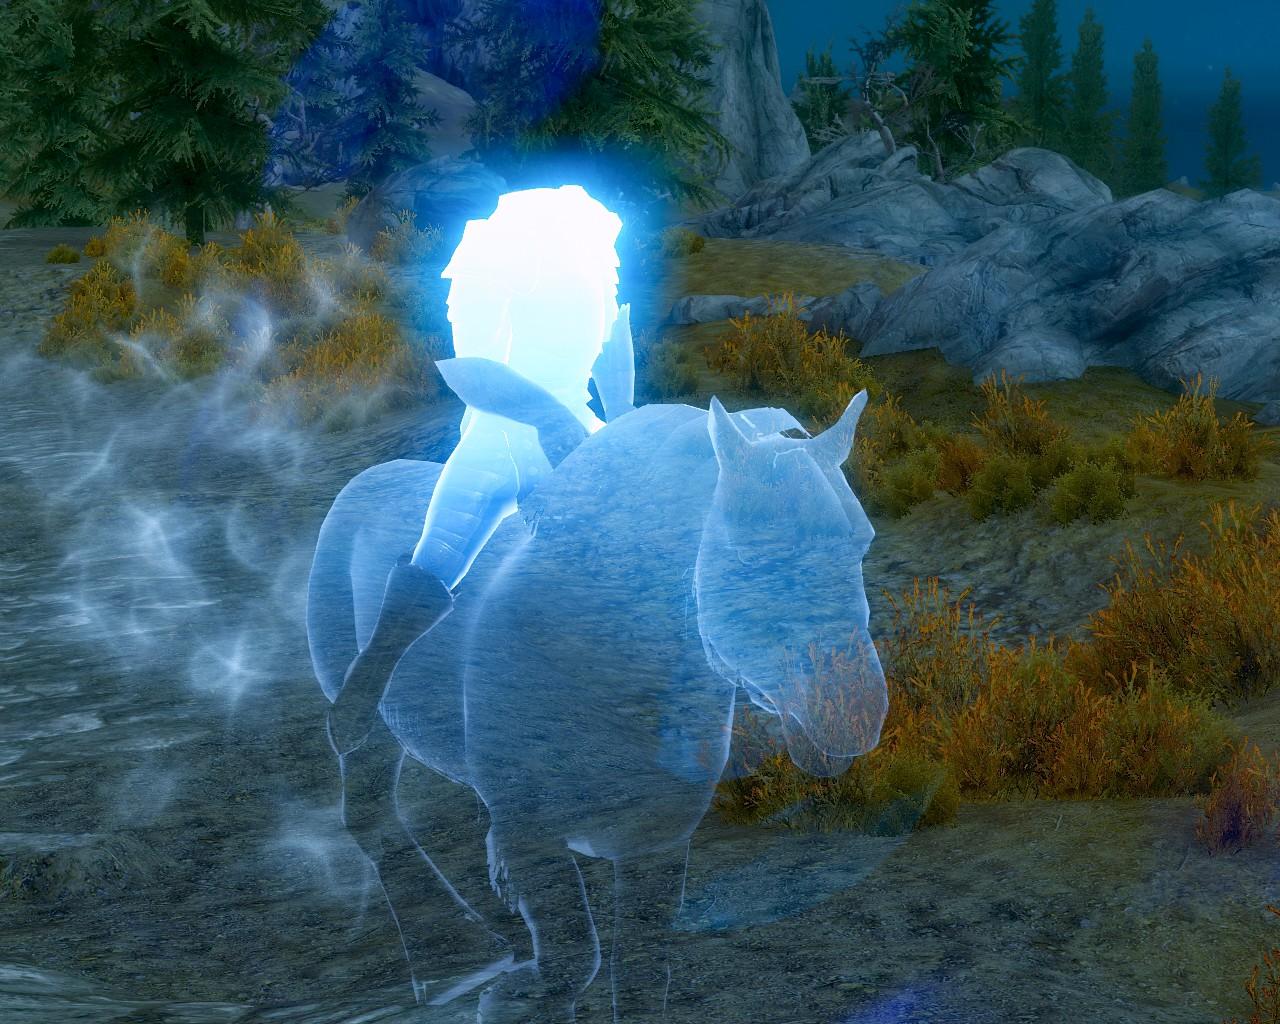 07軍馬にまたがった騎士